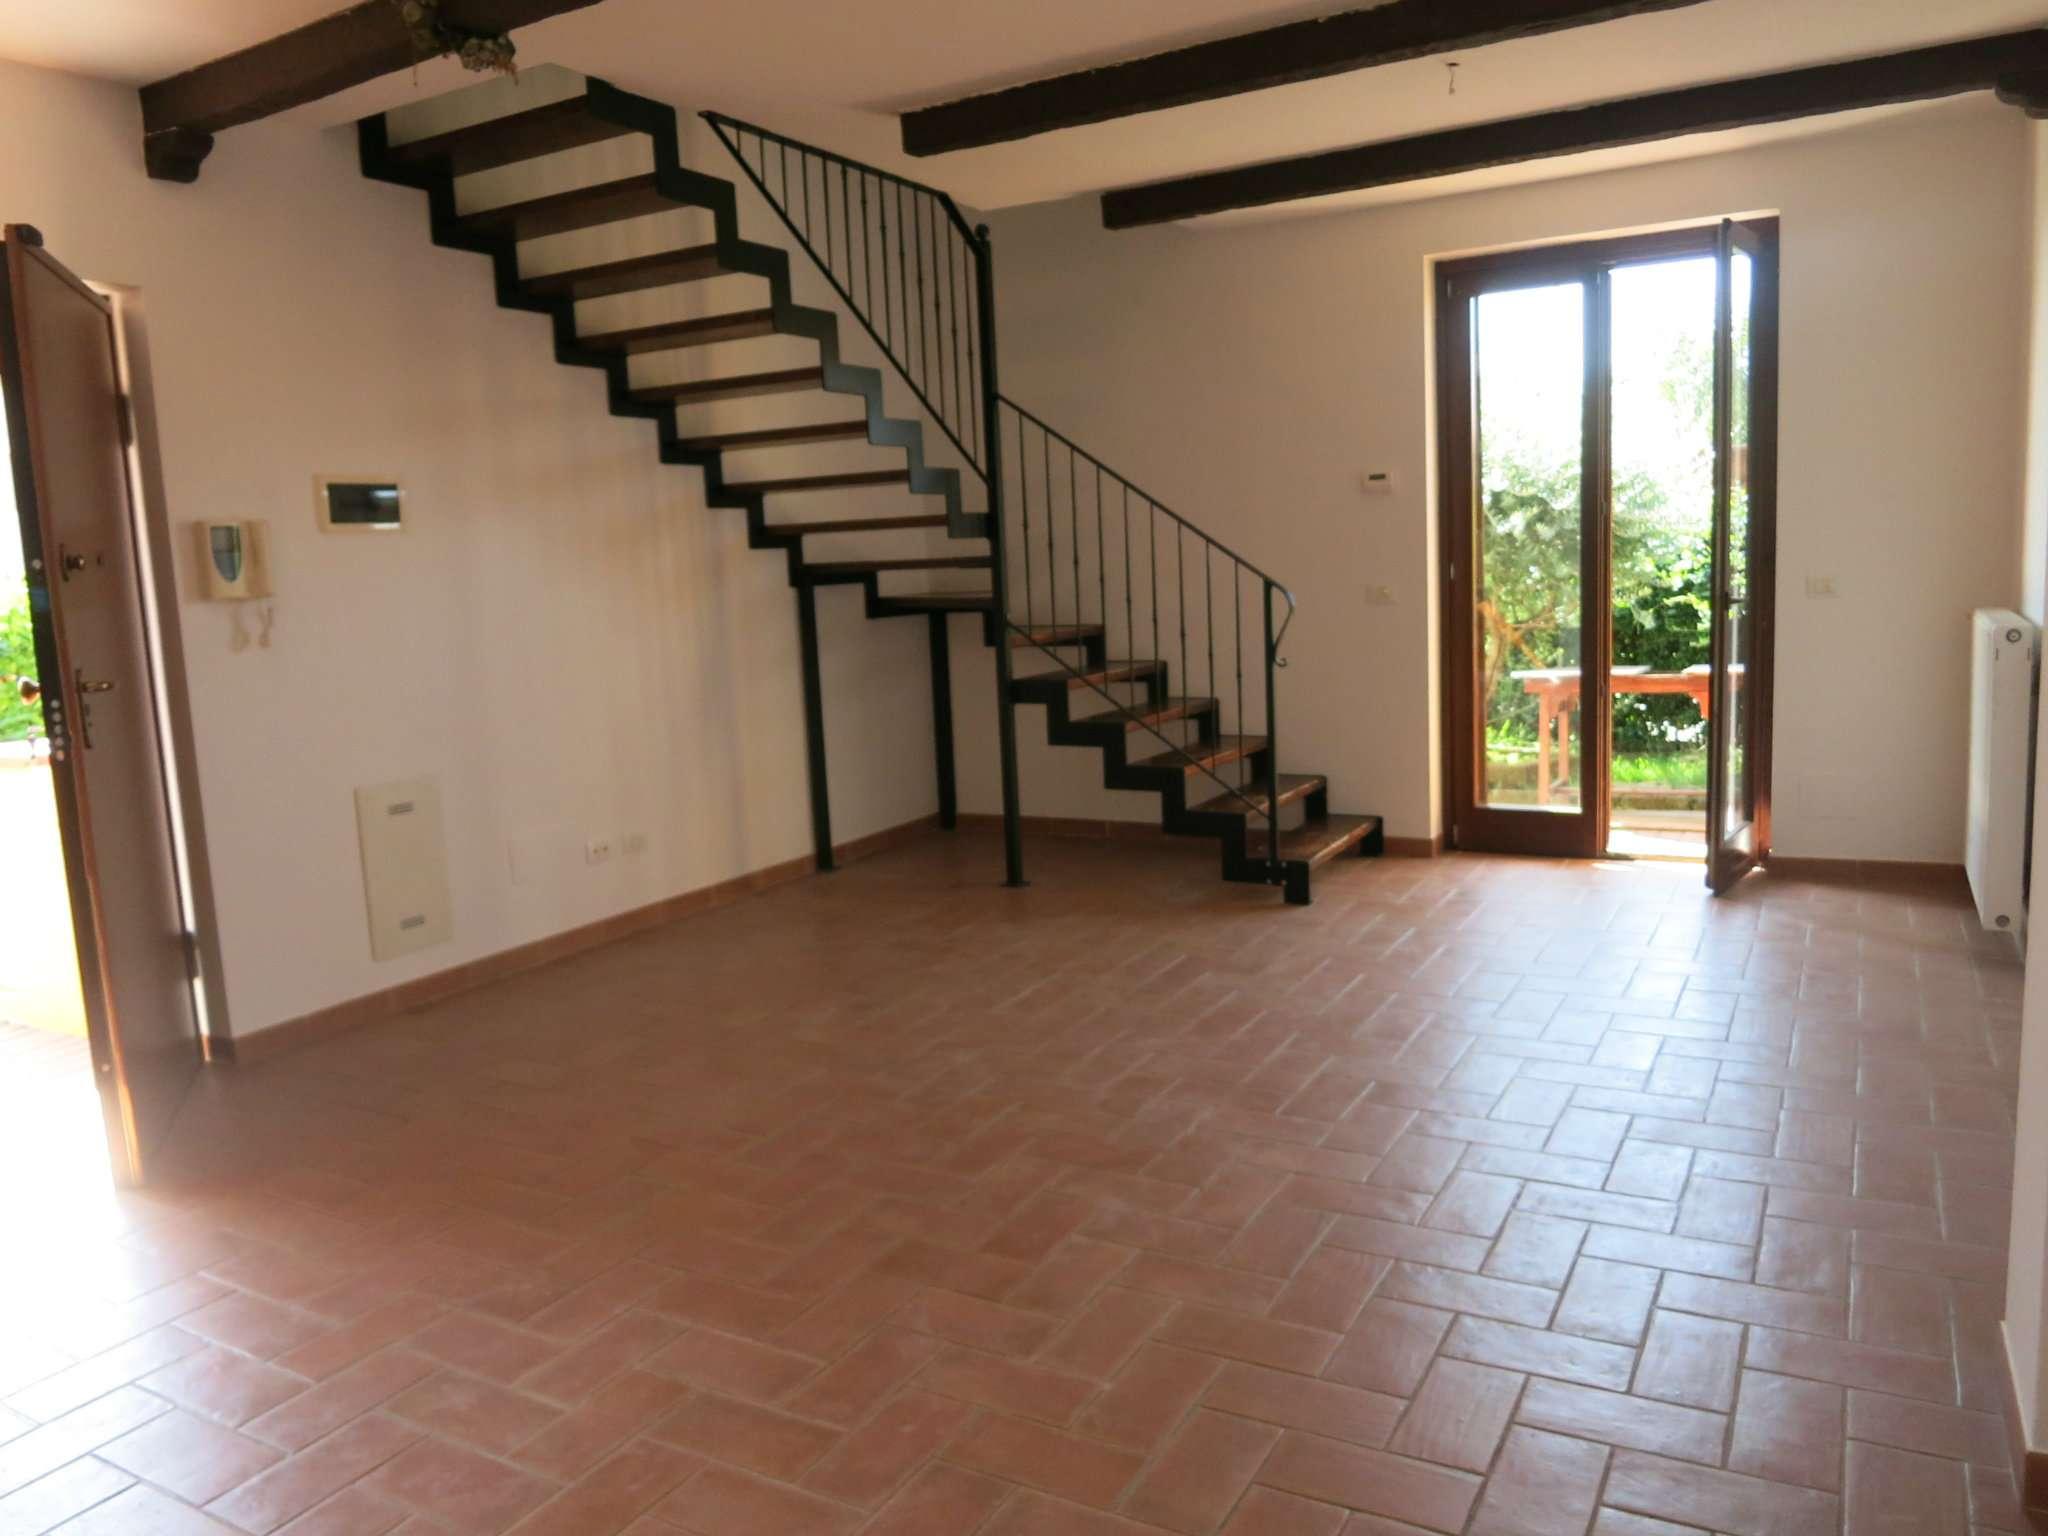 Appartamento in vendita a Martignacco, 5 locali, prezzo € 125.000 | CambioCasa.it